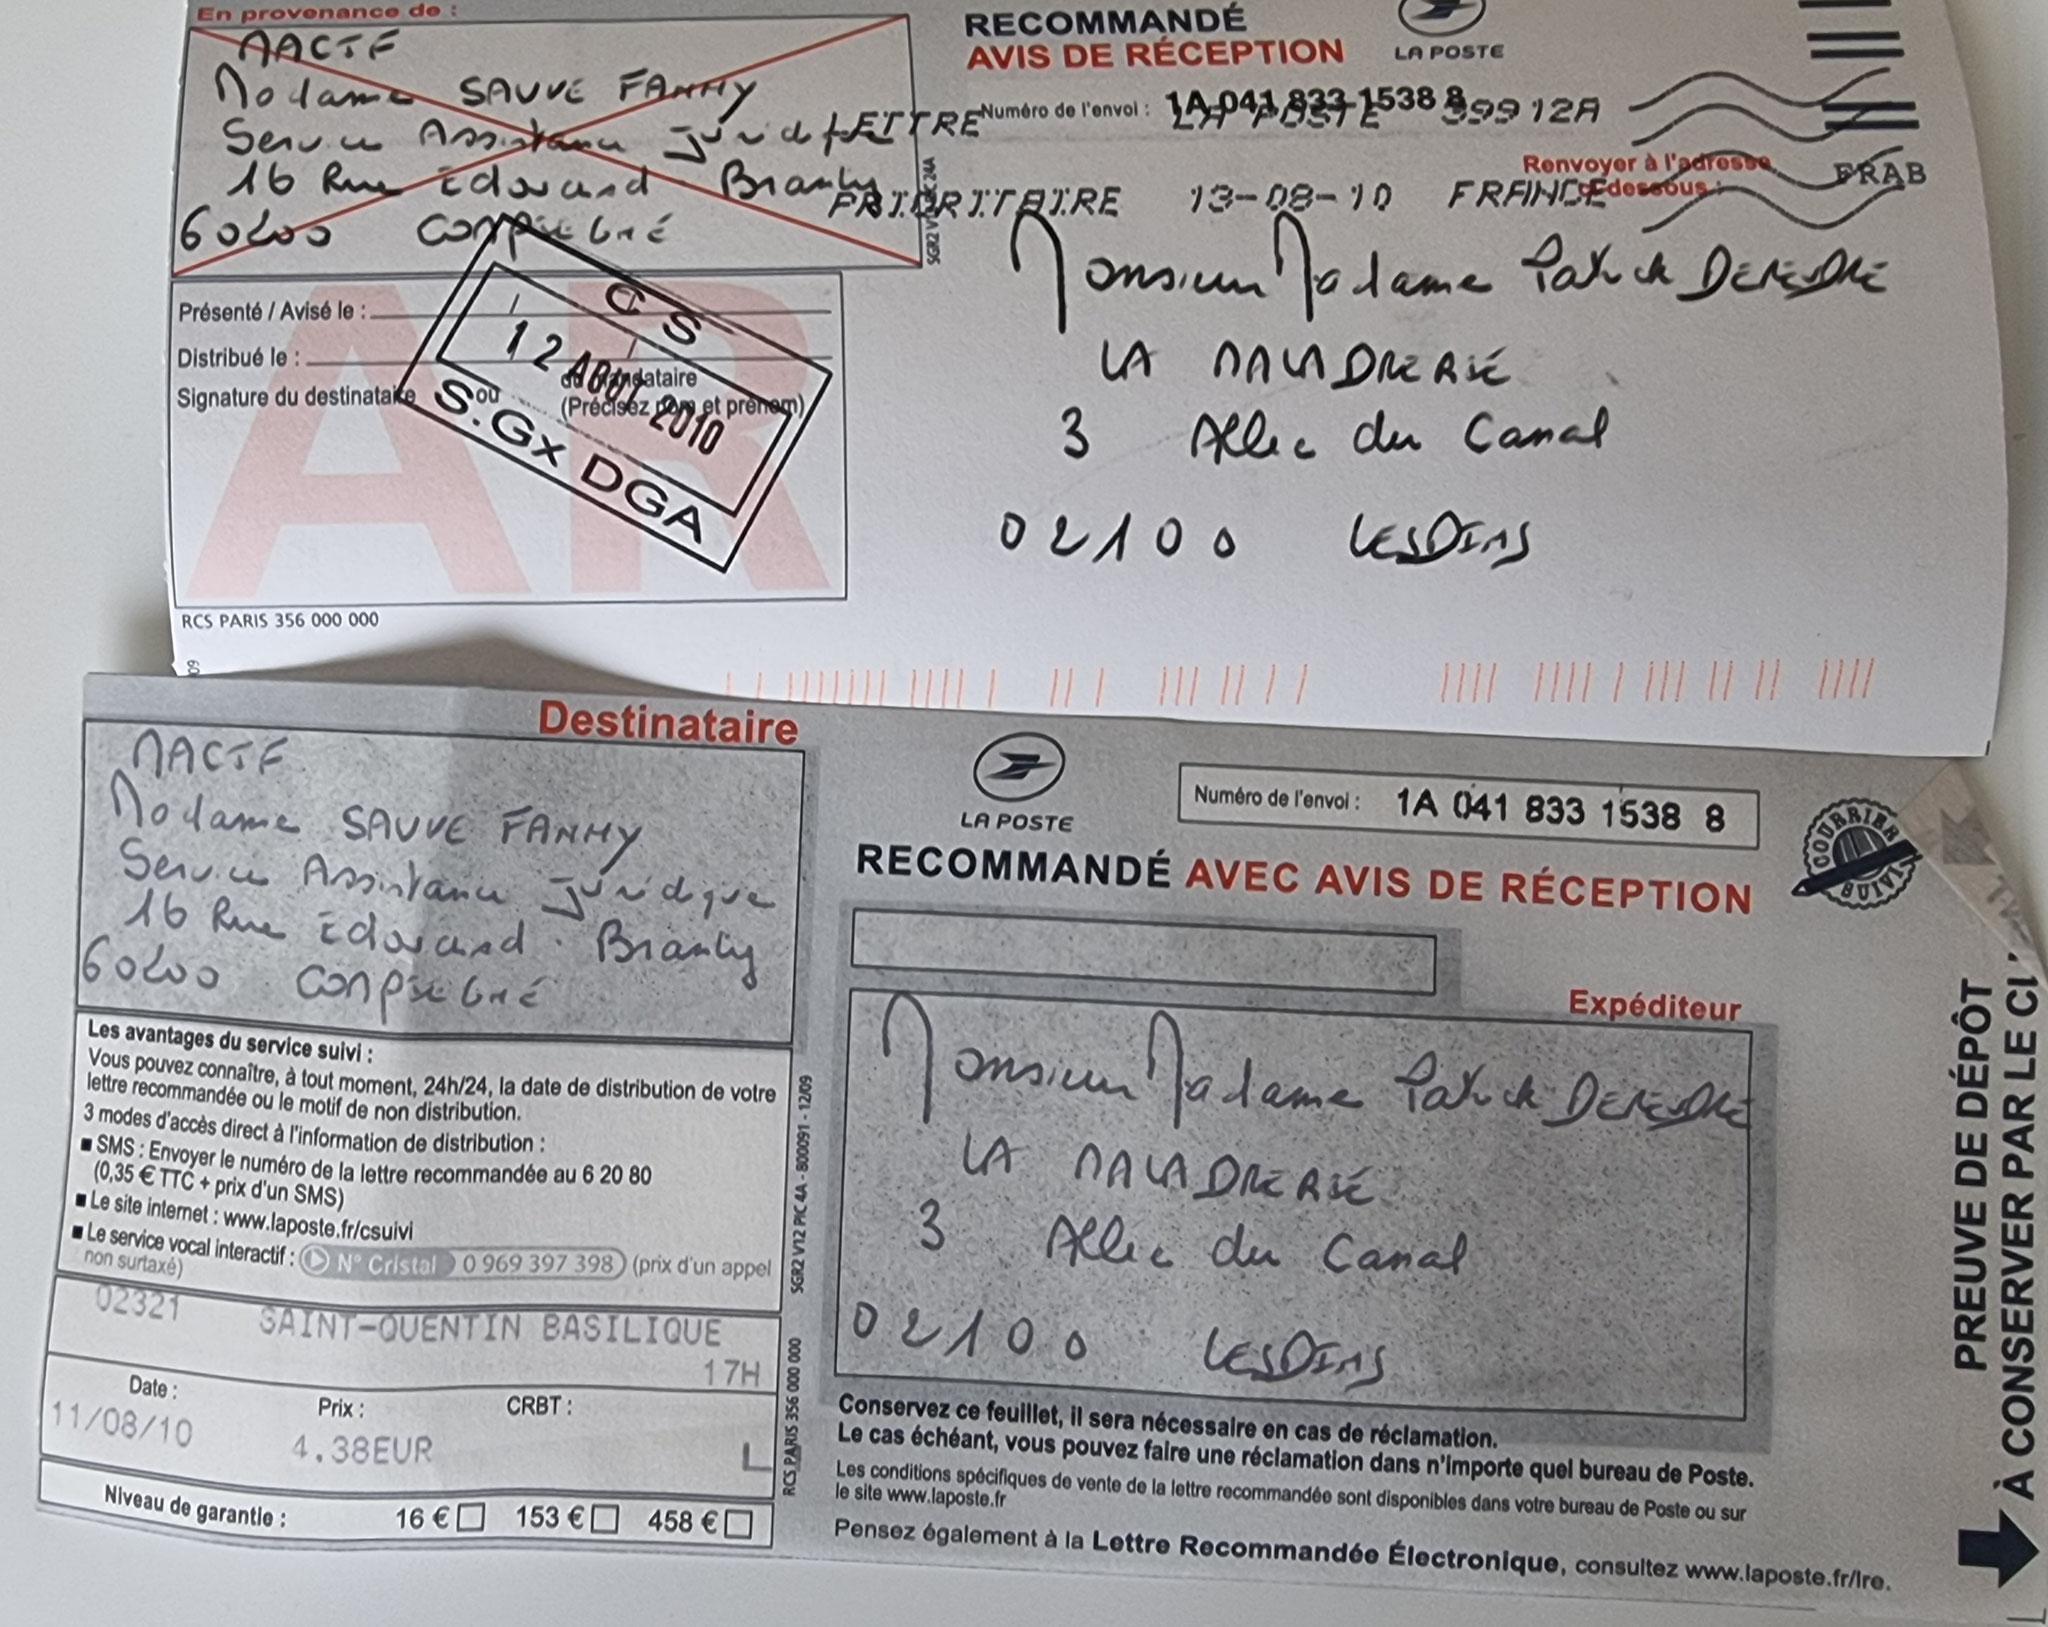 Ma lettre recommandée du 11 Août 2010 adressée à Monsieur Cyril CABROL le Directeur de notre constructeur LE BATISSEUR        INACCEPTABLE  BORDERLINE      EXPERTISES JUDICIAIRES ENTRE COPAINS...  www.jenesuispasunchien.fr www.jesuispatrick.fr